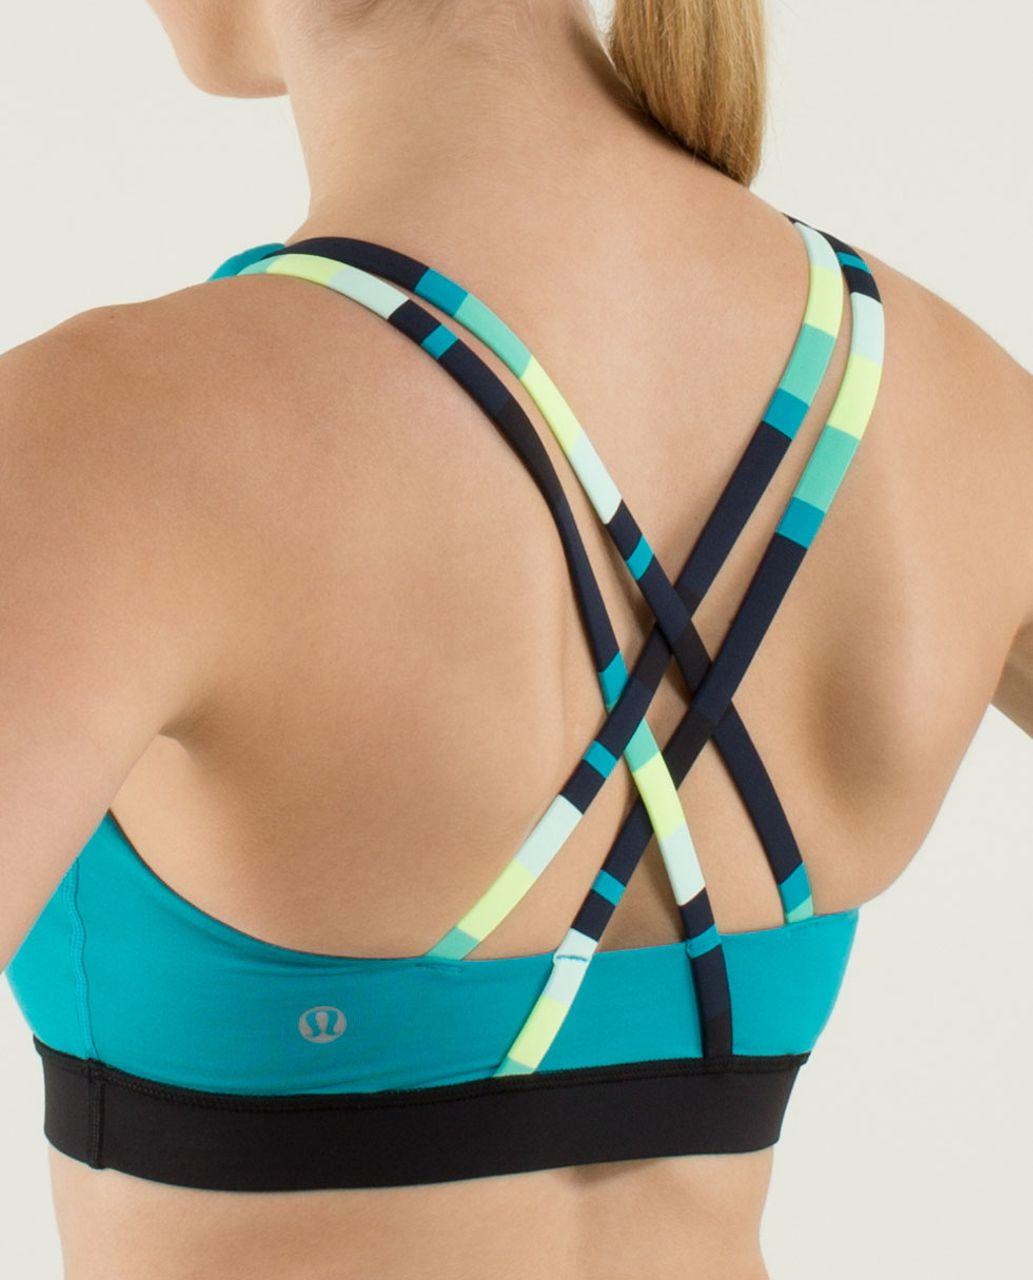 Lululemon Energy Bra - Surge / Black / Assorted Stripe Surge